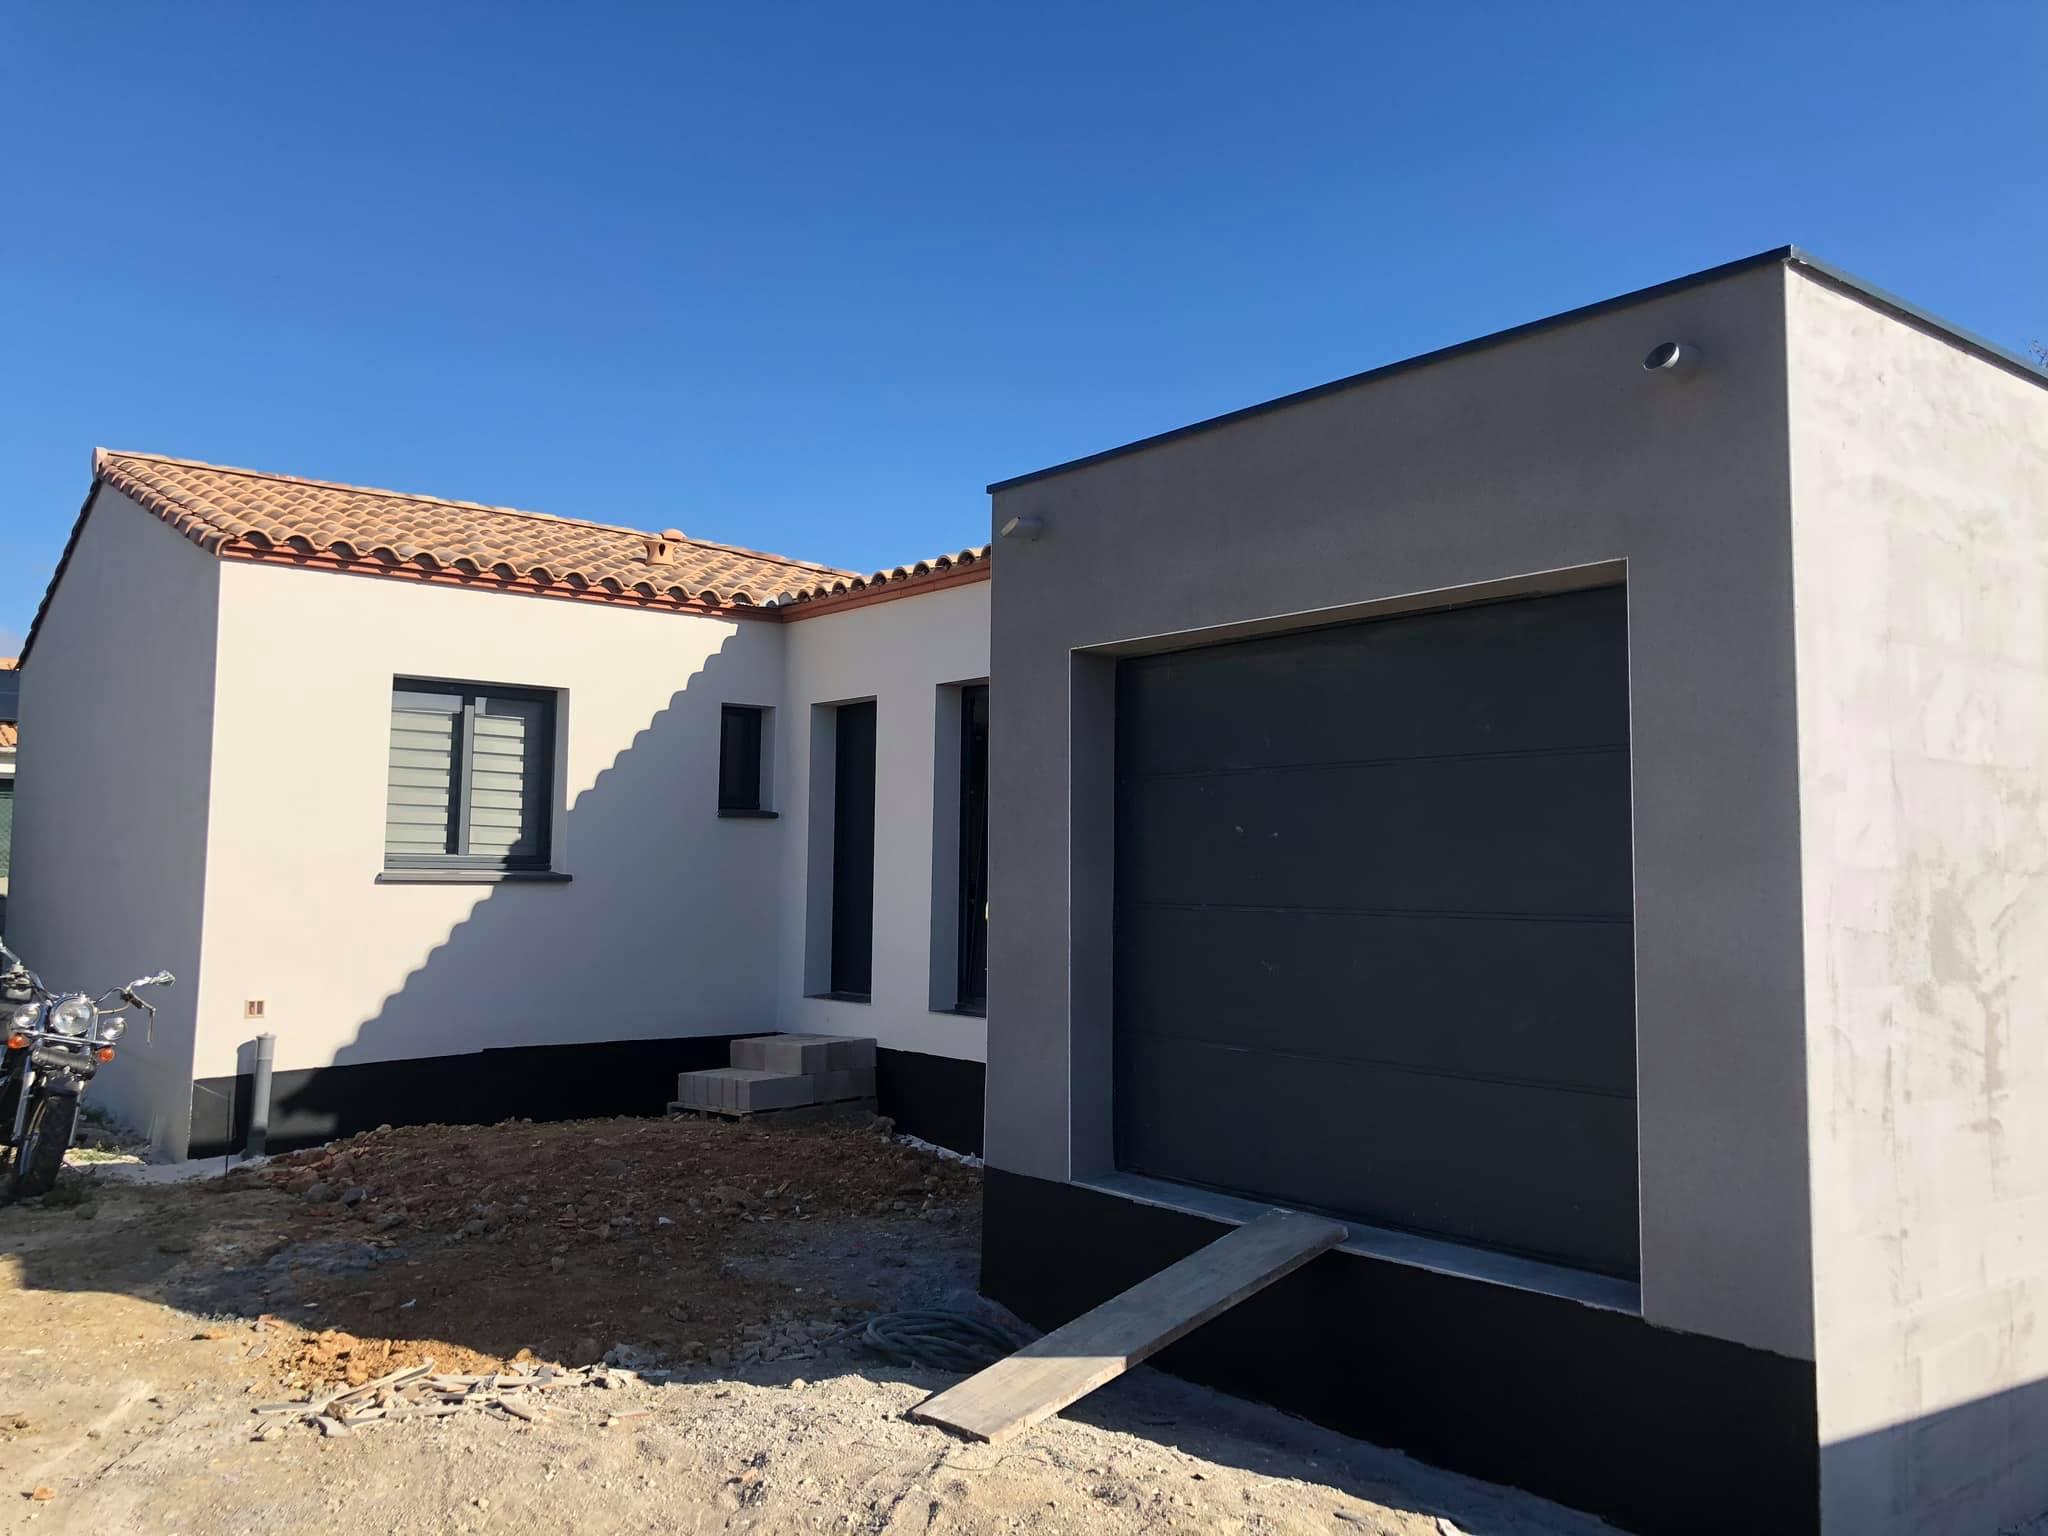 126137268 1707680416057132 4679966454333563329 n • DDR • Constructeur de maison Perpignan - Pyrénées-Orientales et Aude